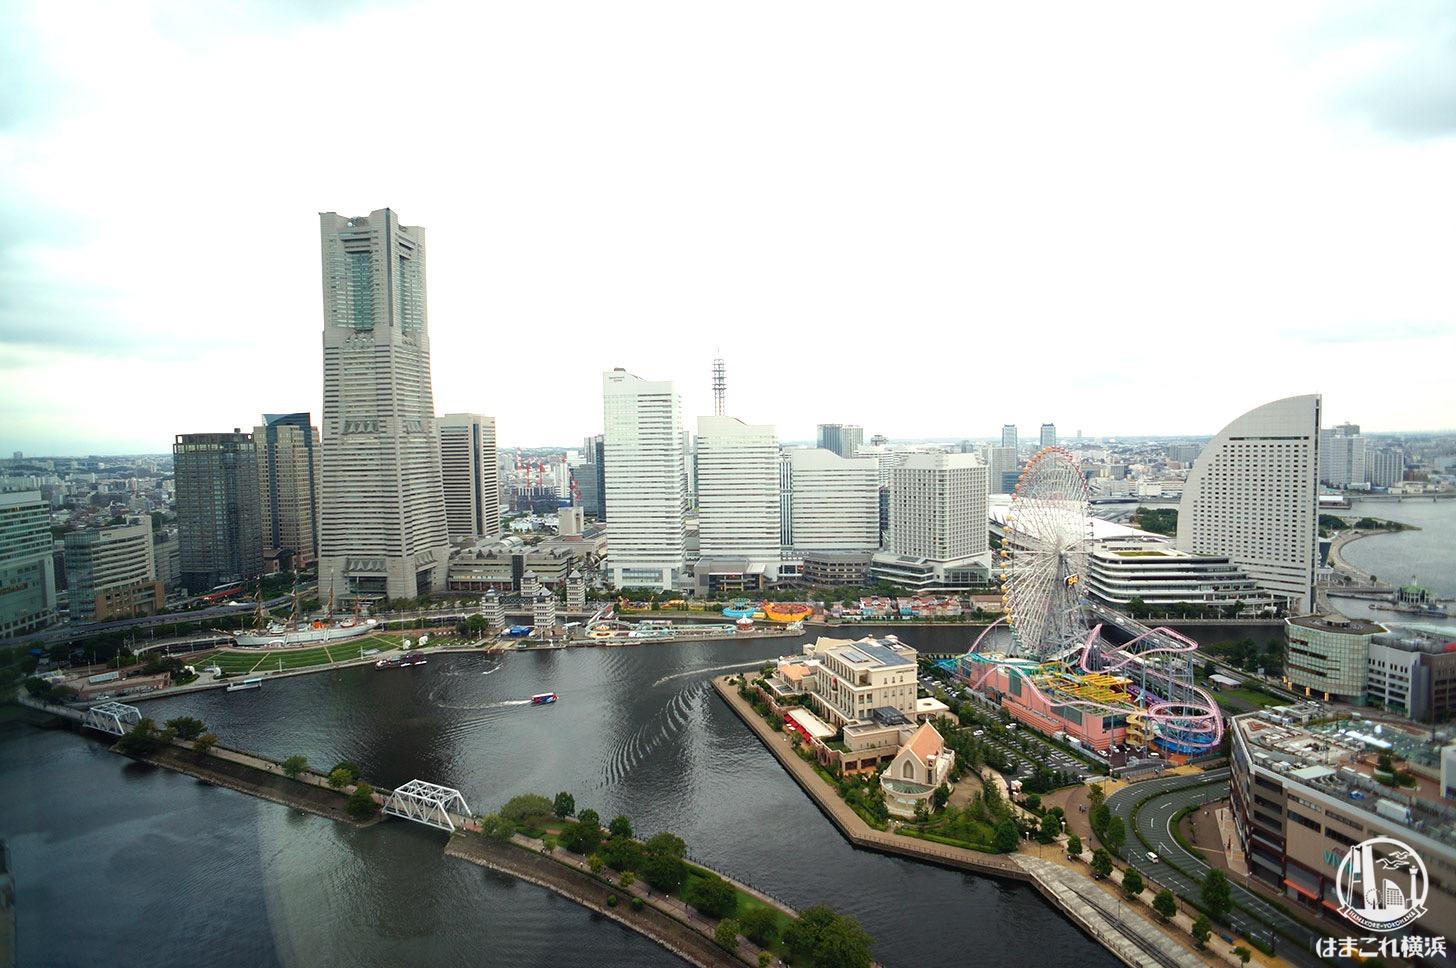 アパホテル&リゾート 横浜ベイタワー 貸切スペースから見たみなとみらいの景色